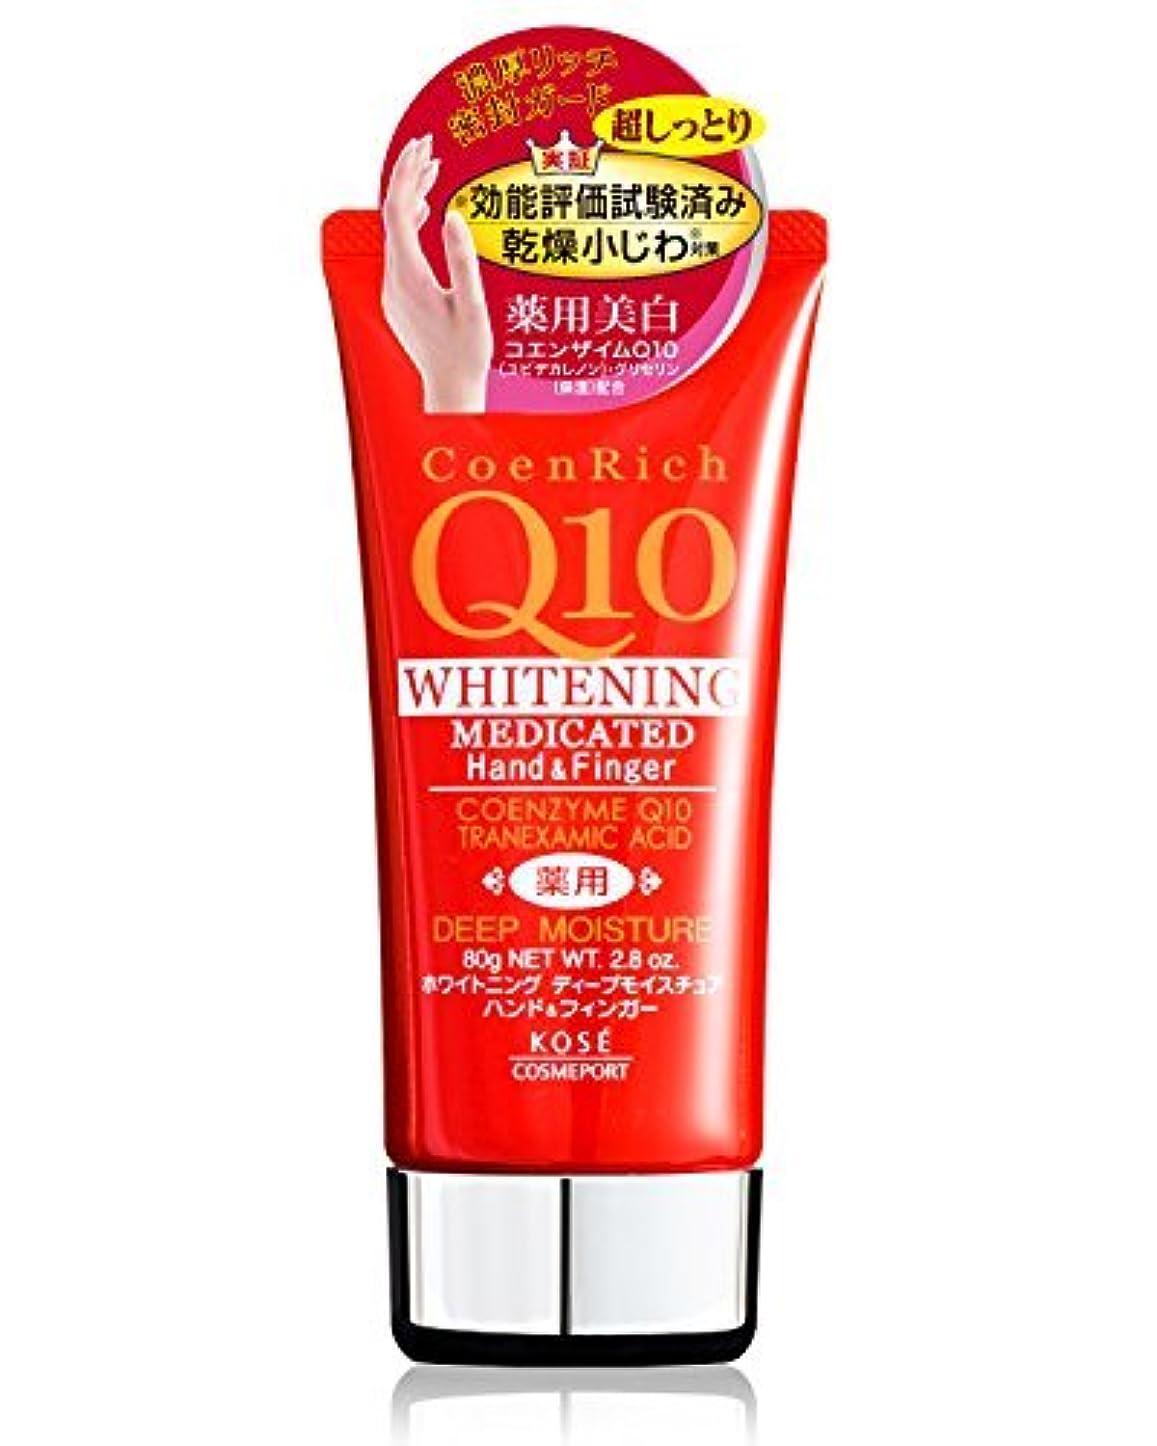 自動ロードハウス当社コーセー コエンリッチQ10 薬用ホワイトニング ハンドクリーム ディープモイスチュア 80g×48点セット (4971710312638)